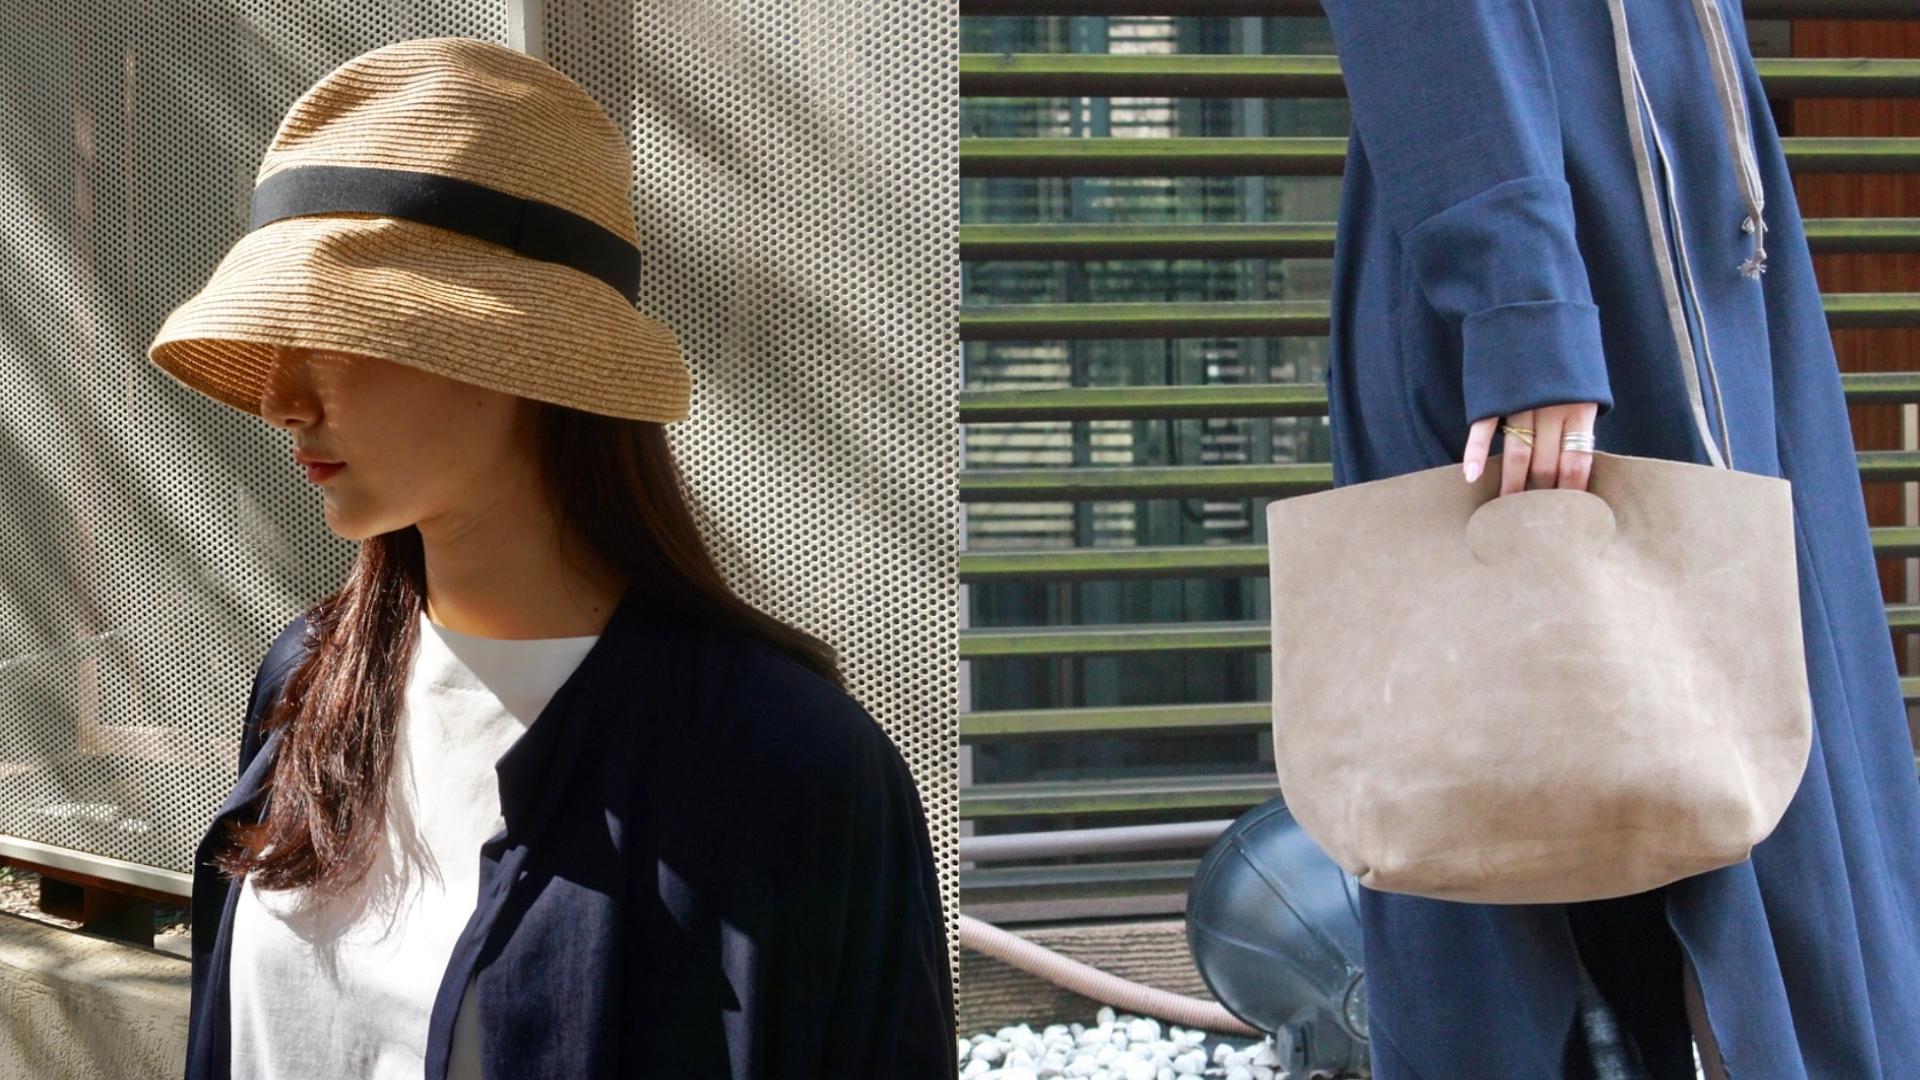 為秋天做準備|喜歡日式簡約美學的妳必須認識的三個日牌單品!